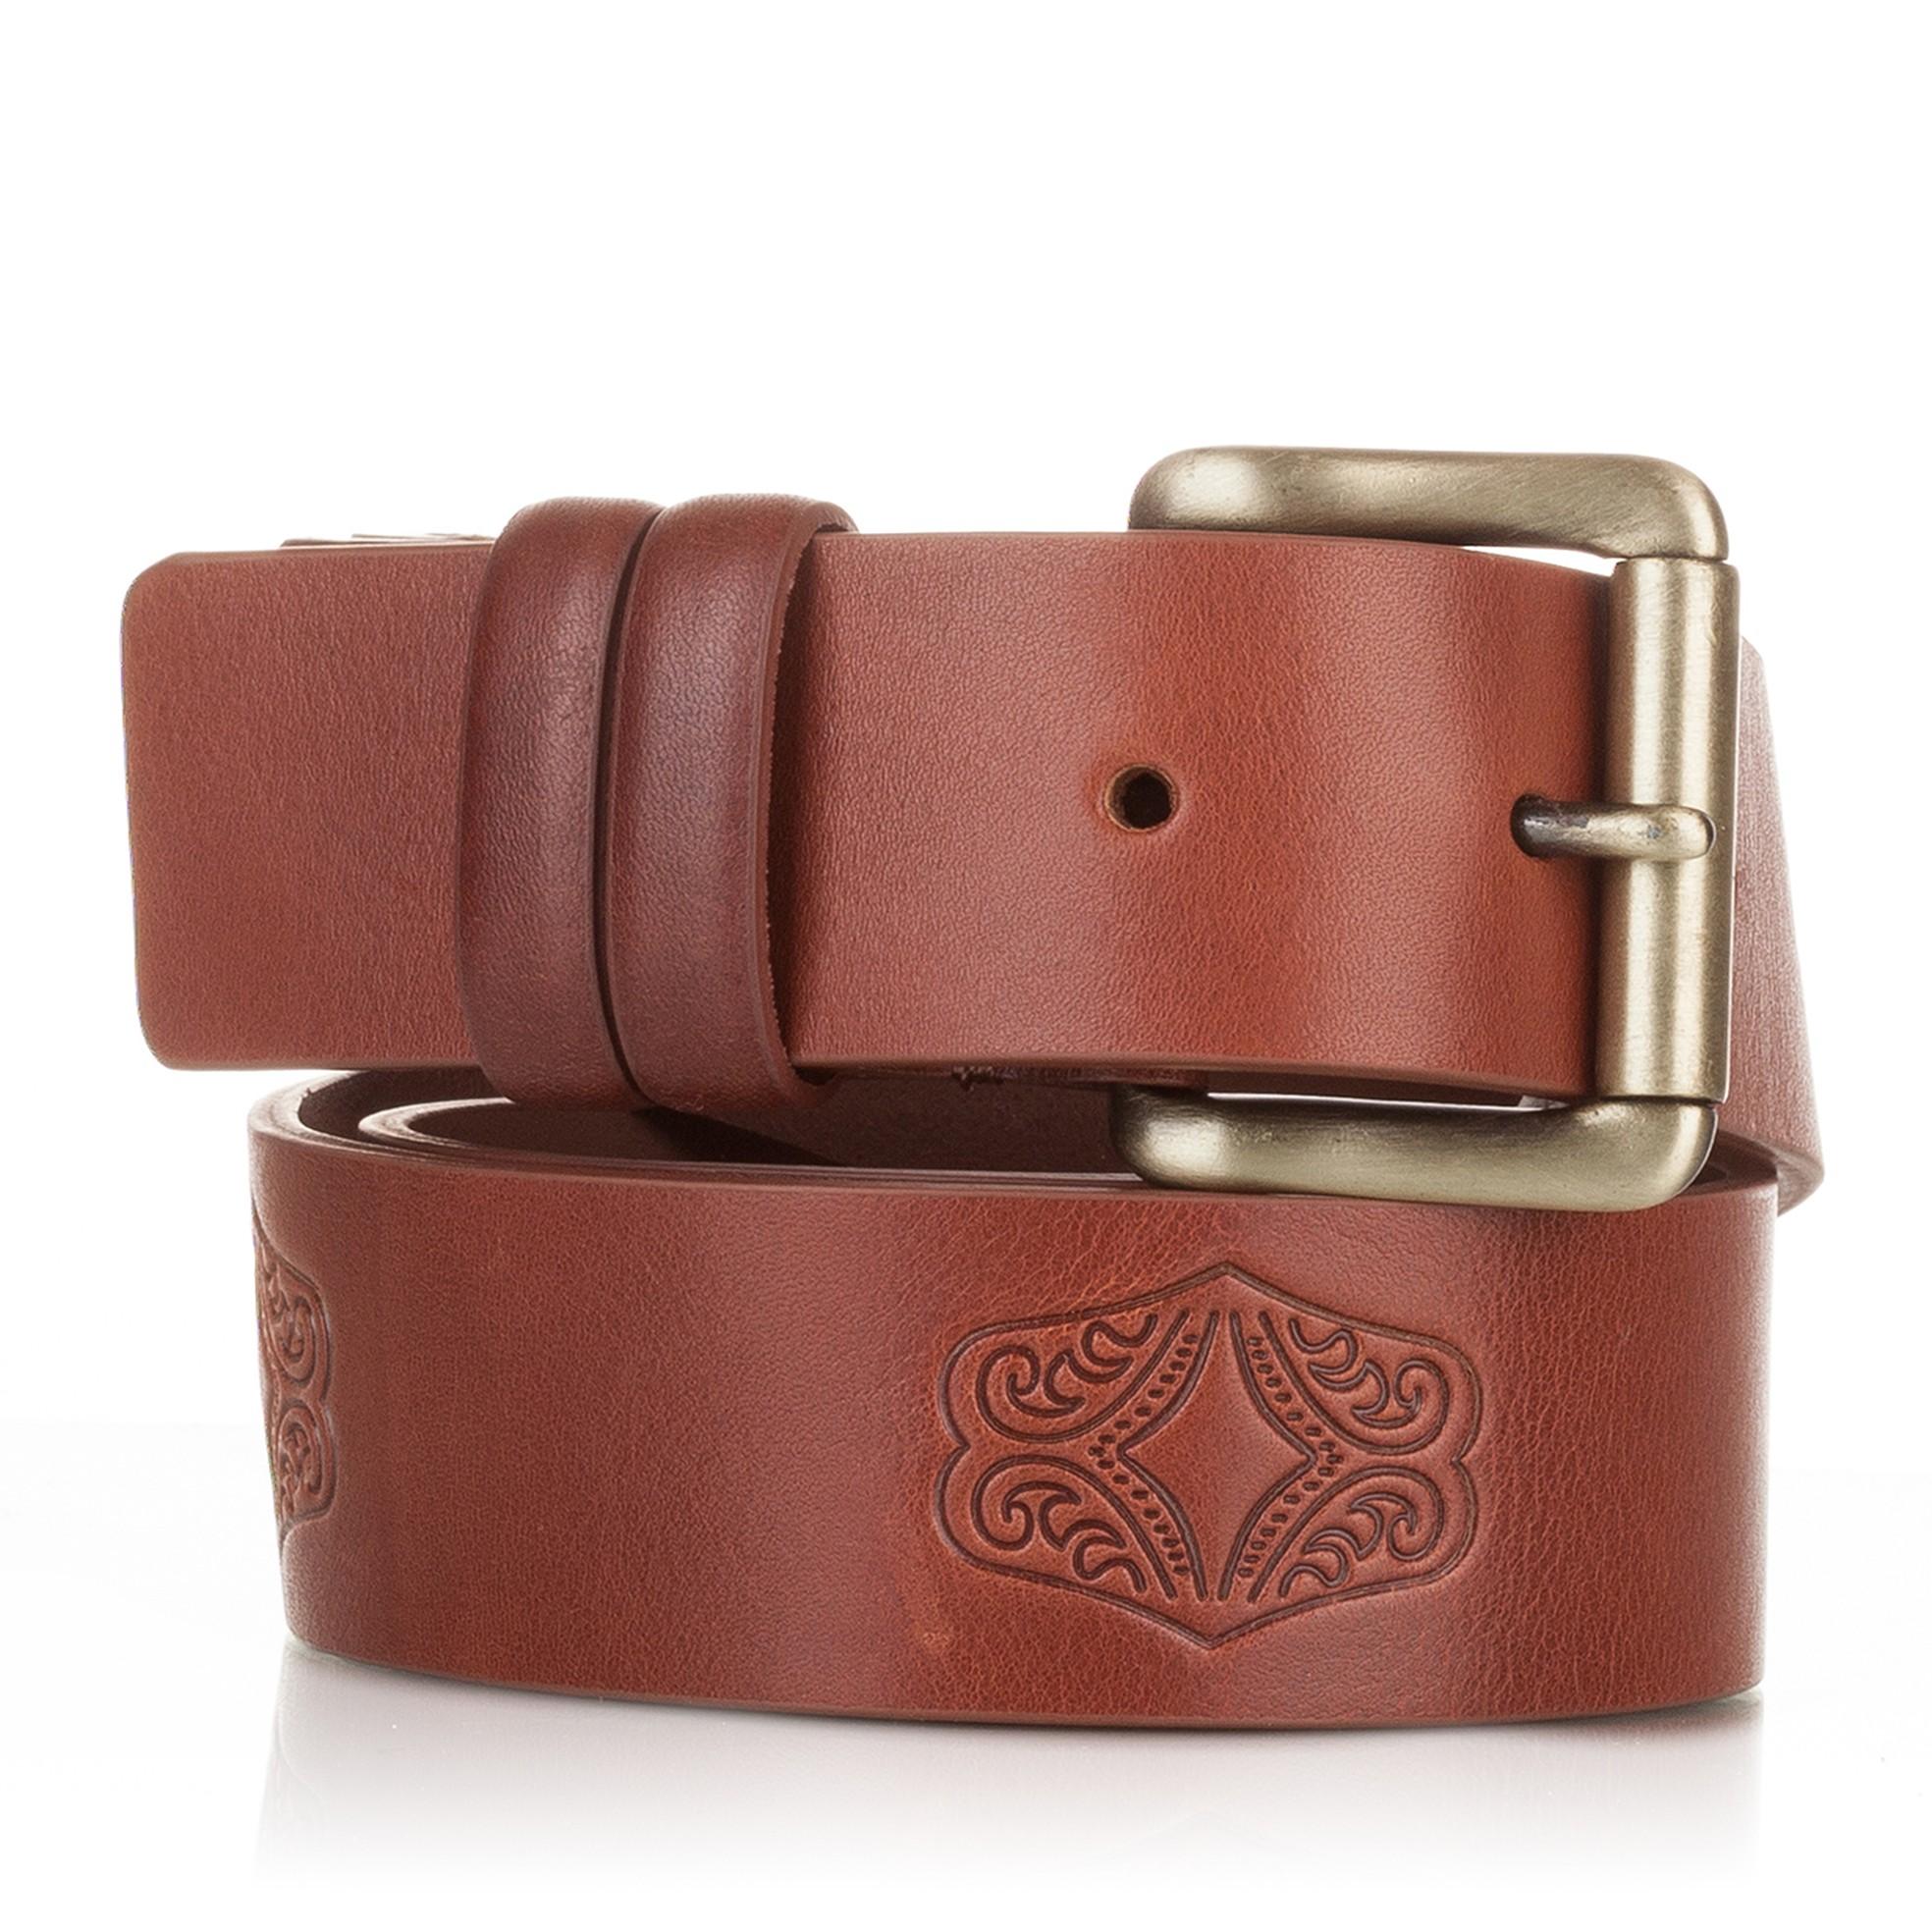 7629d253f66 Cinturon grabado de piel al corte cuero